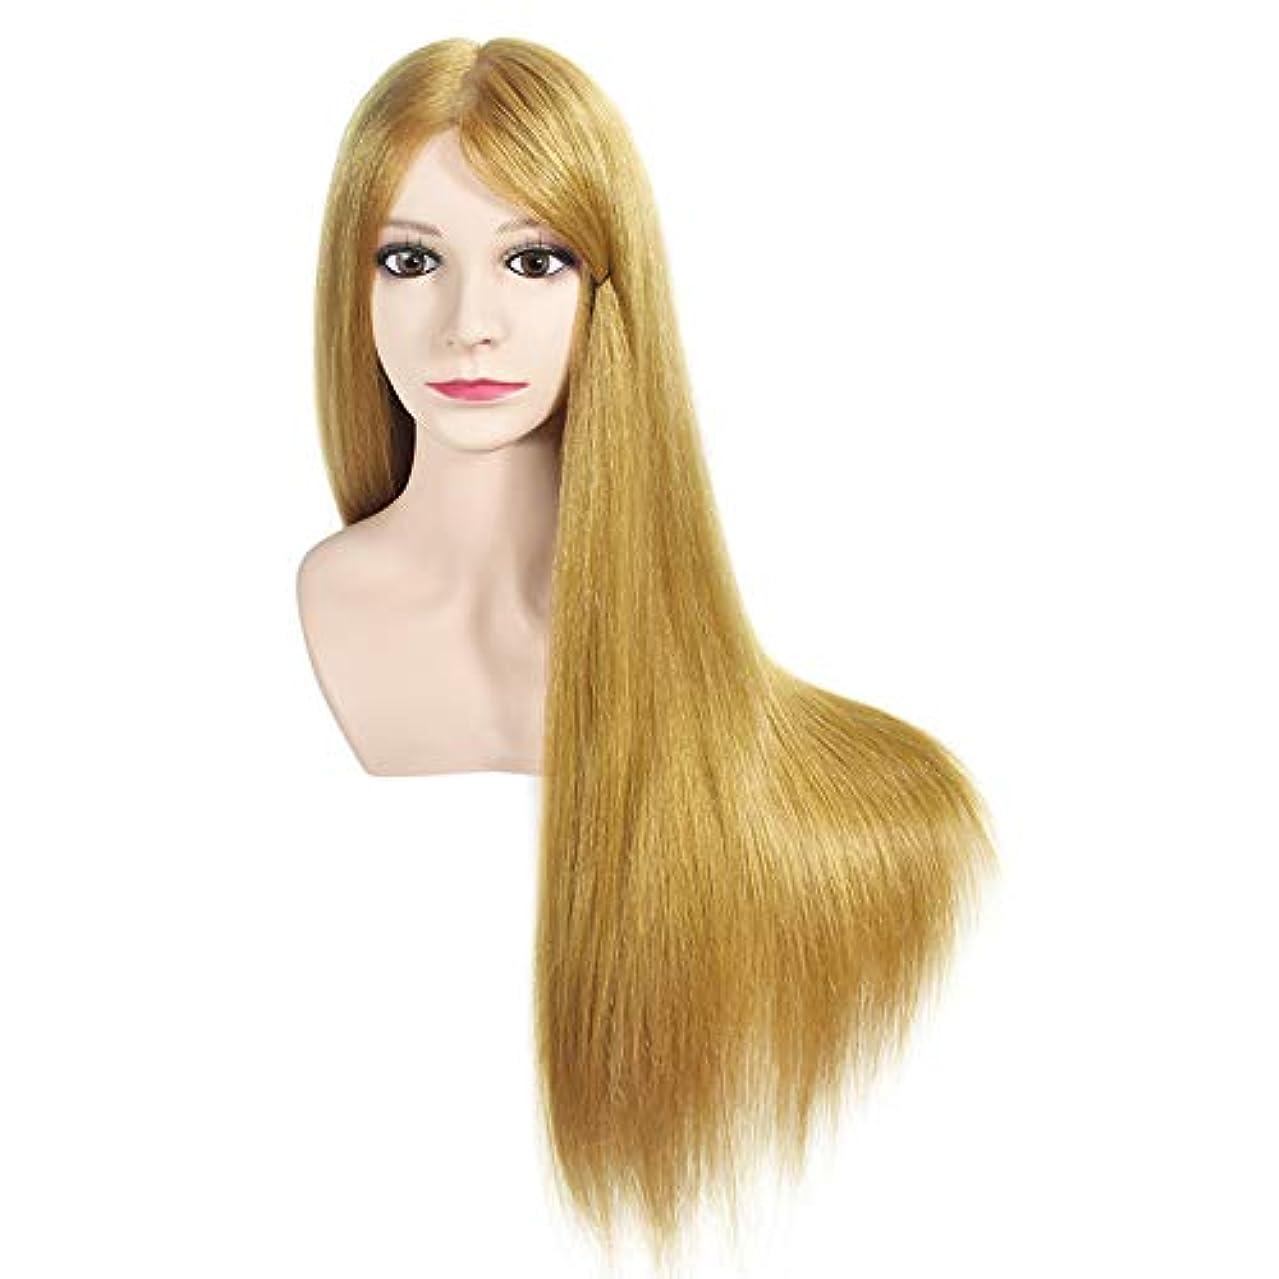 緑透けて見える案件サロンヘアブレイド理髪指導ヘッドスタイリング散髪ダミーヘッド化粧学習ショルダーマネキンヘッド